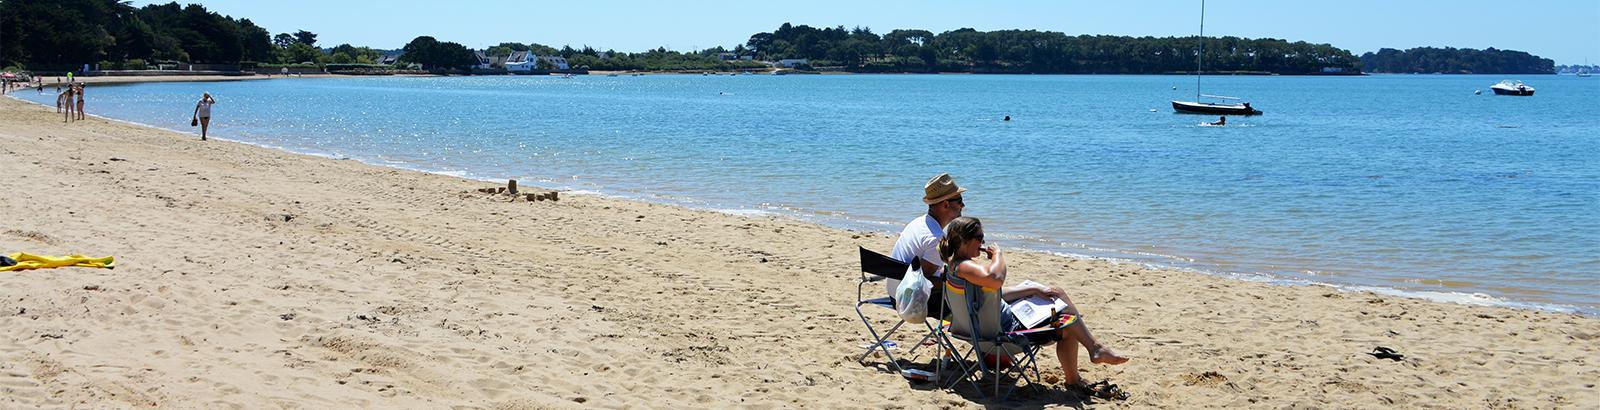 Strand Locmiquel 150 m vom Villa de la Plage